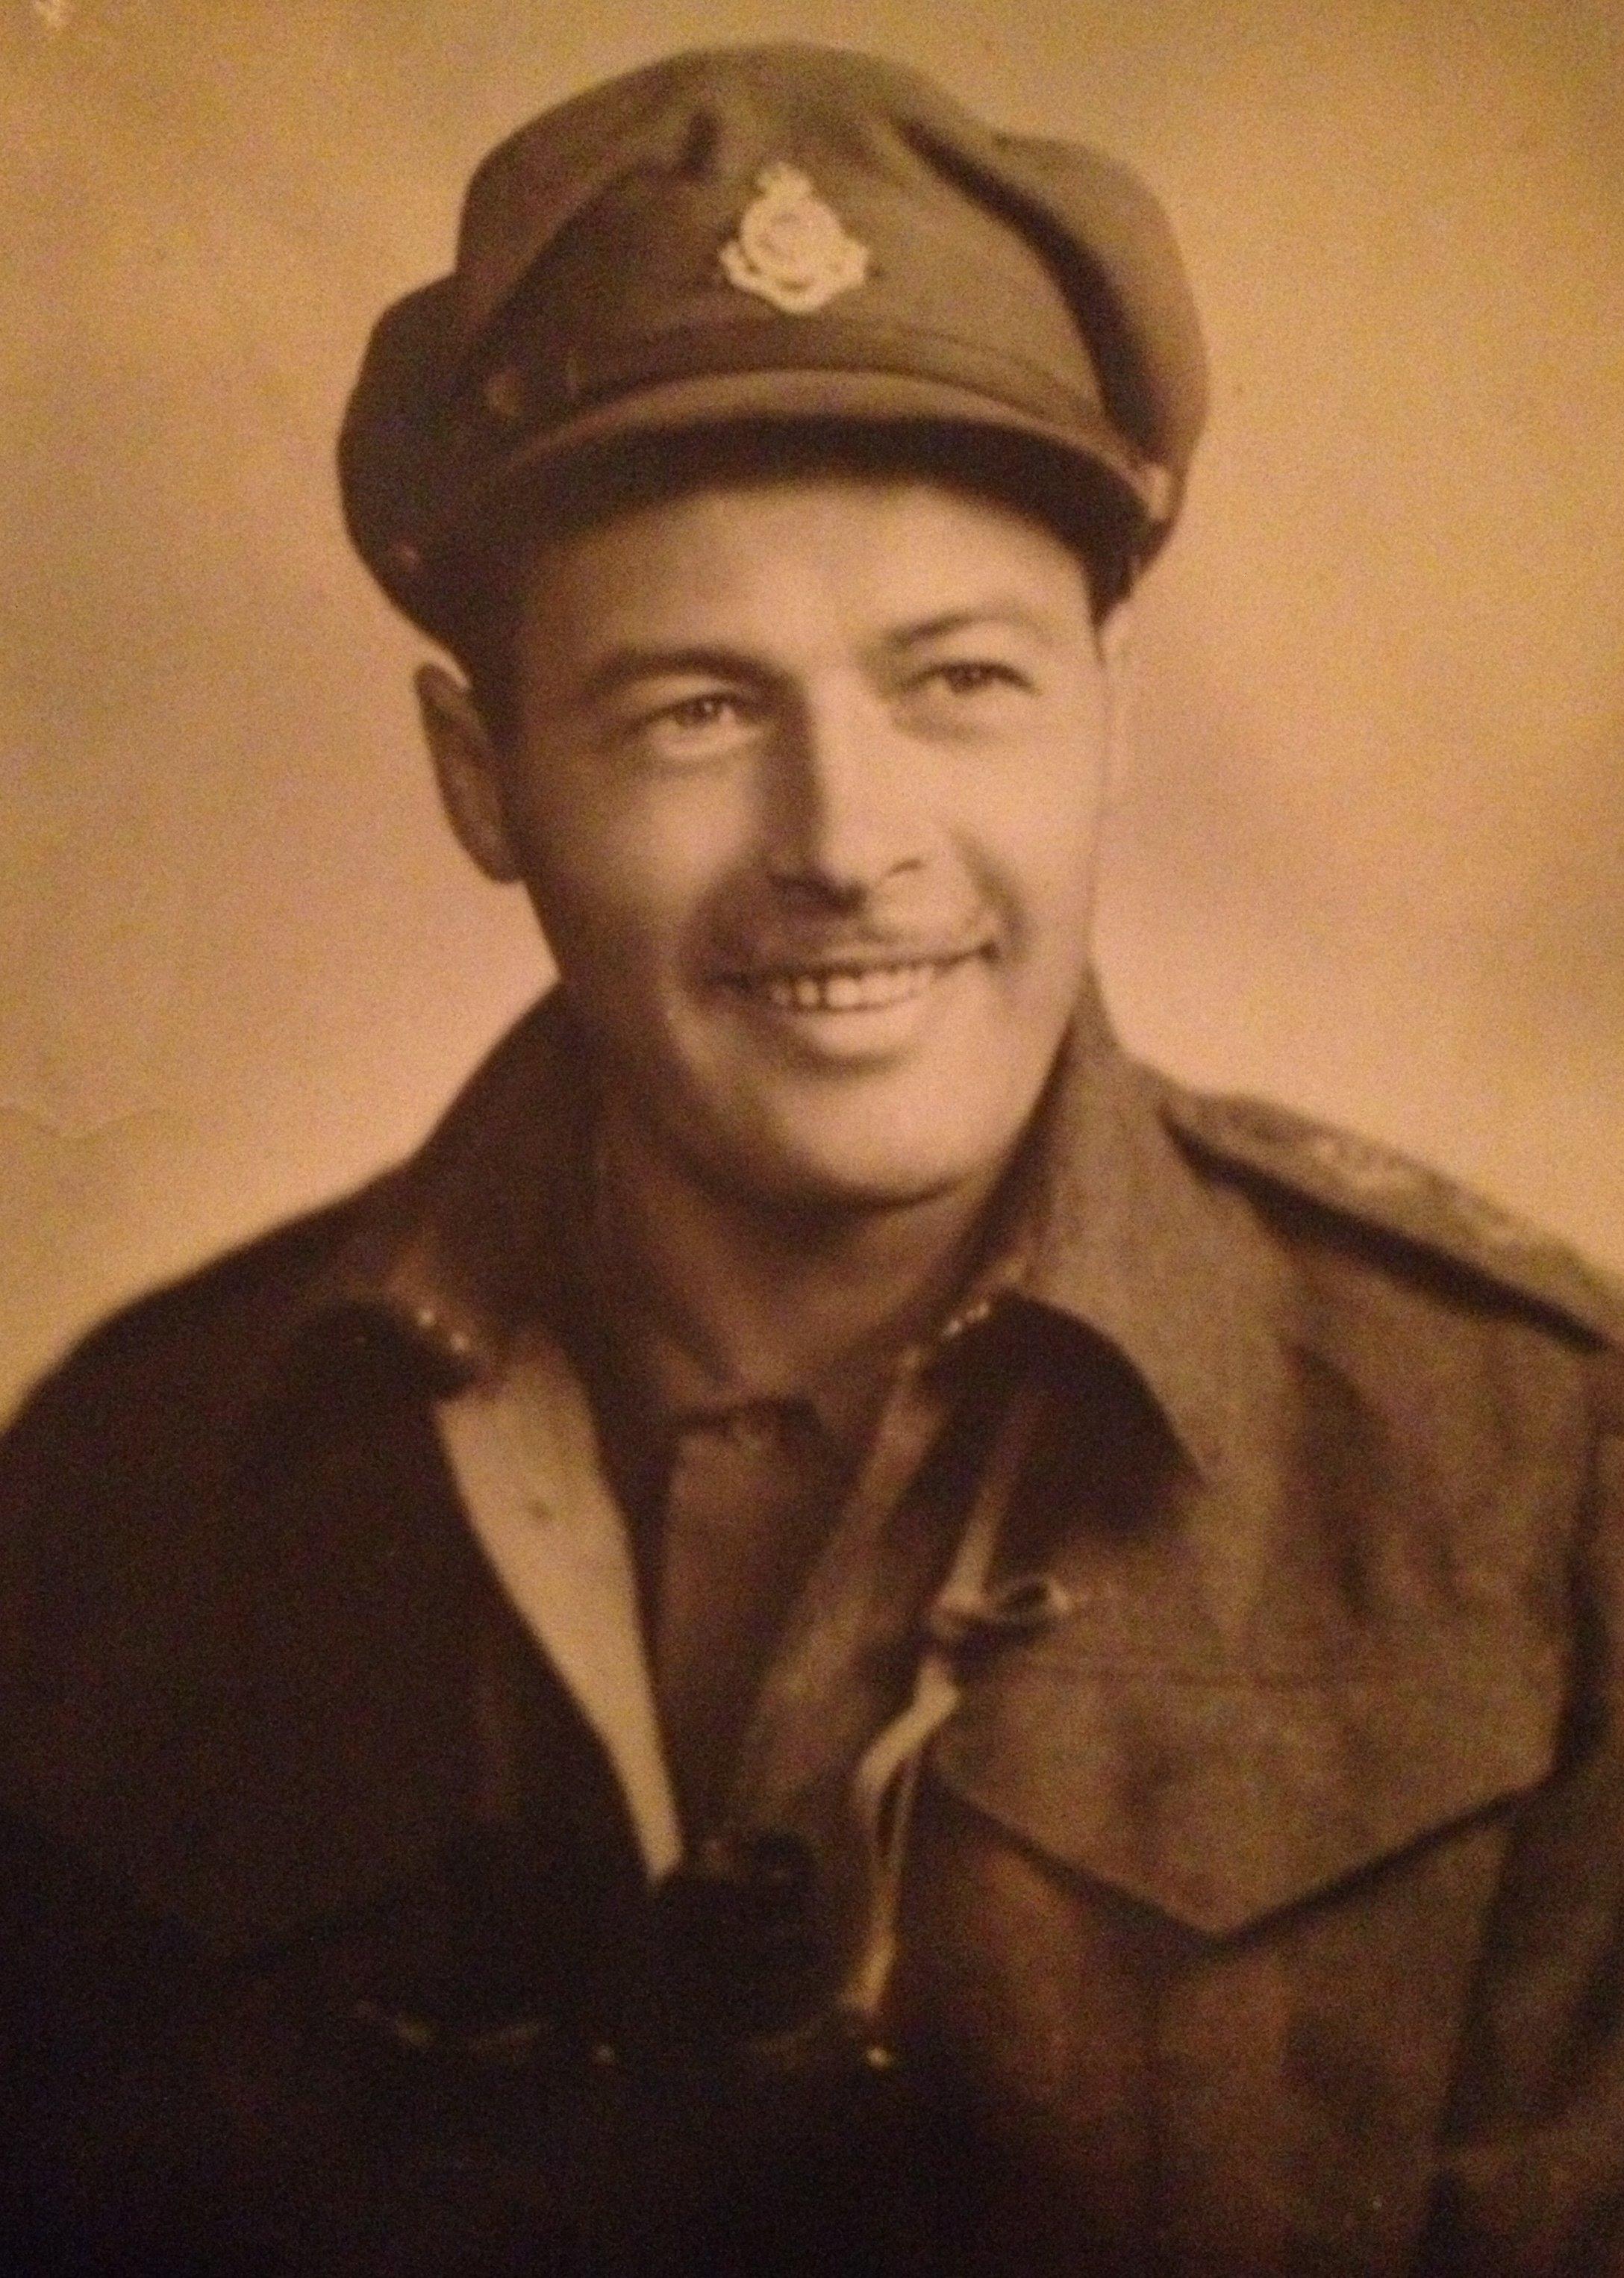 Canadian Fallen Soldier - Major HERBERT OWEN LAMBERT